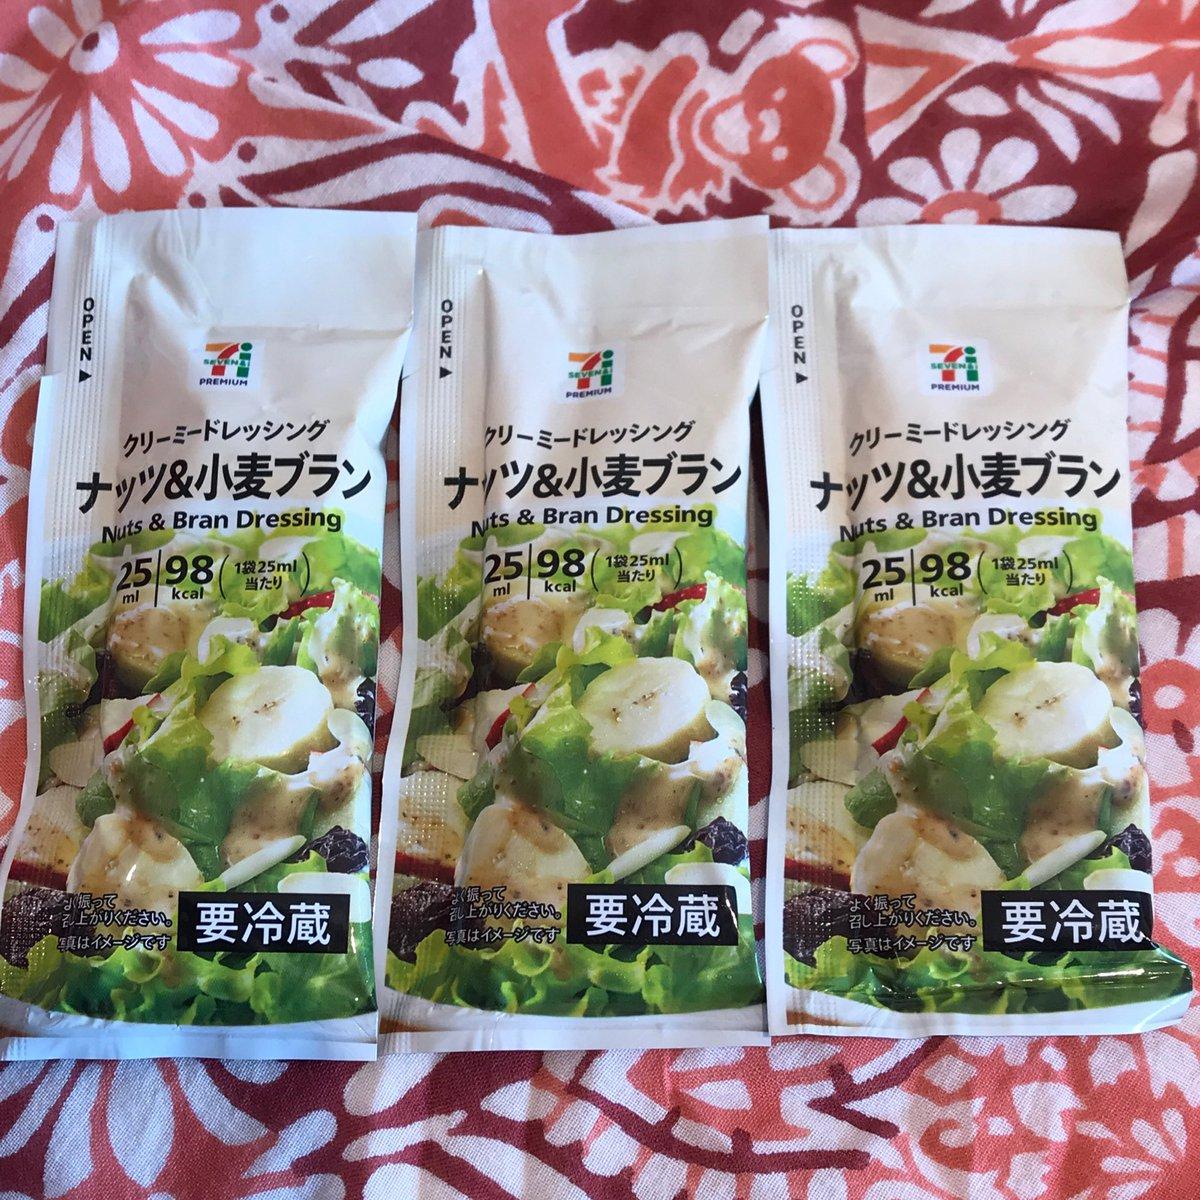 東京旅行で買いだめしてきたべむ。関西でなかなか見つからず https://t.co/oWSiTbdrUi